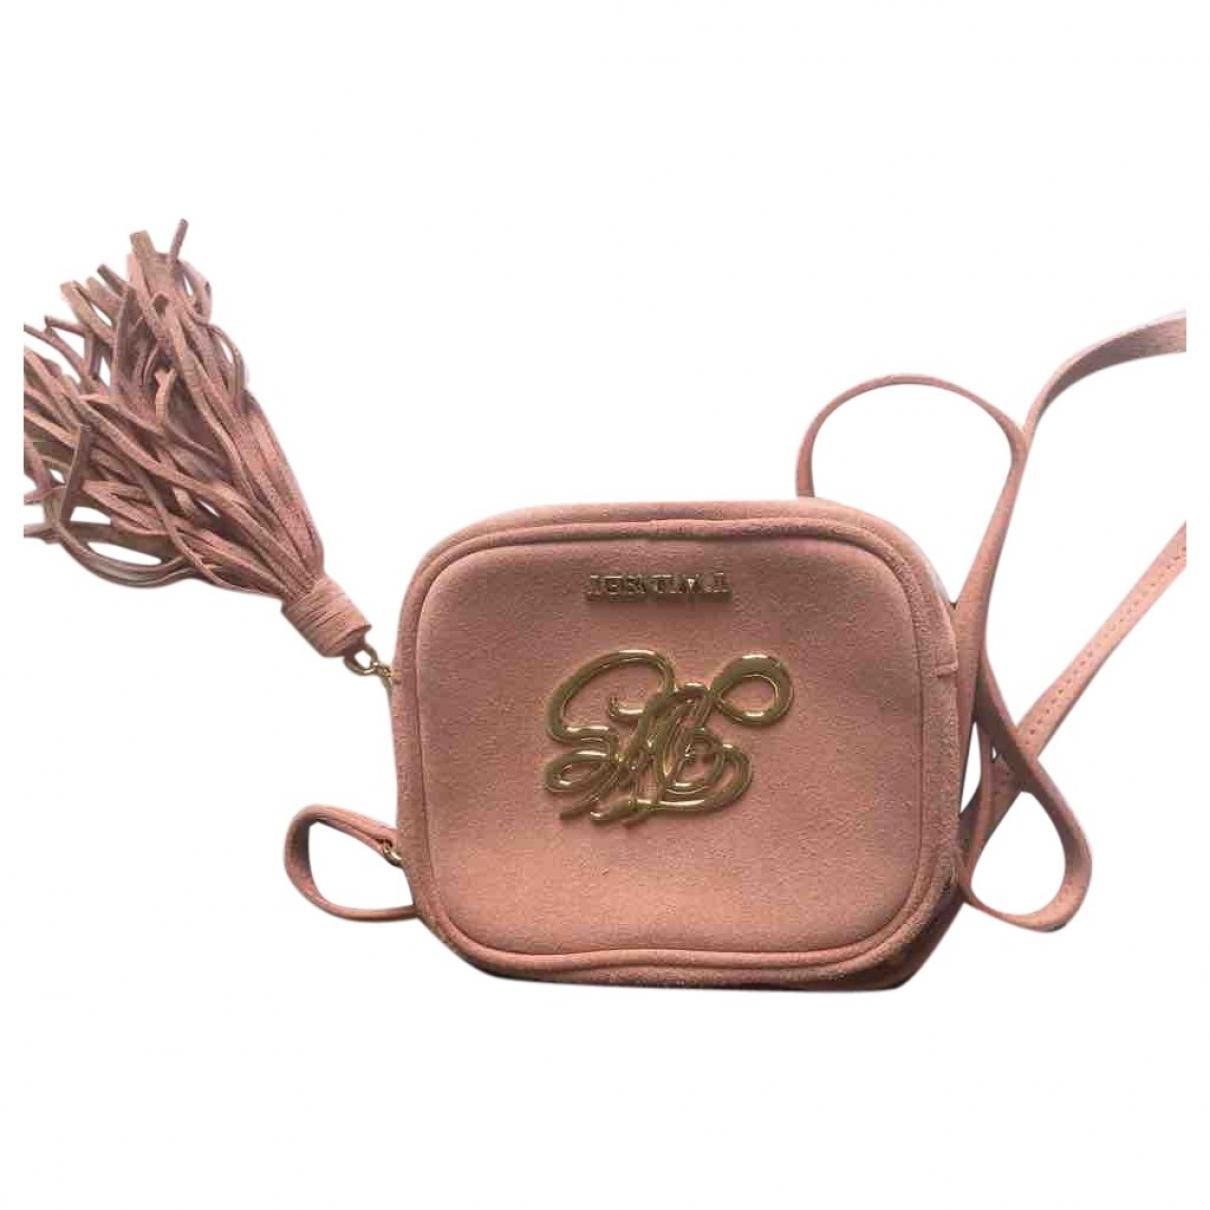 Twin Set \N Pink Suede handbag for Women \N